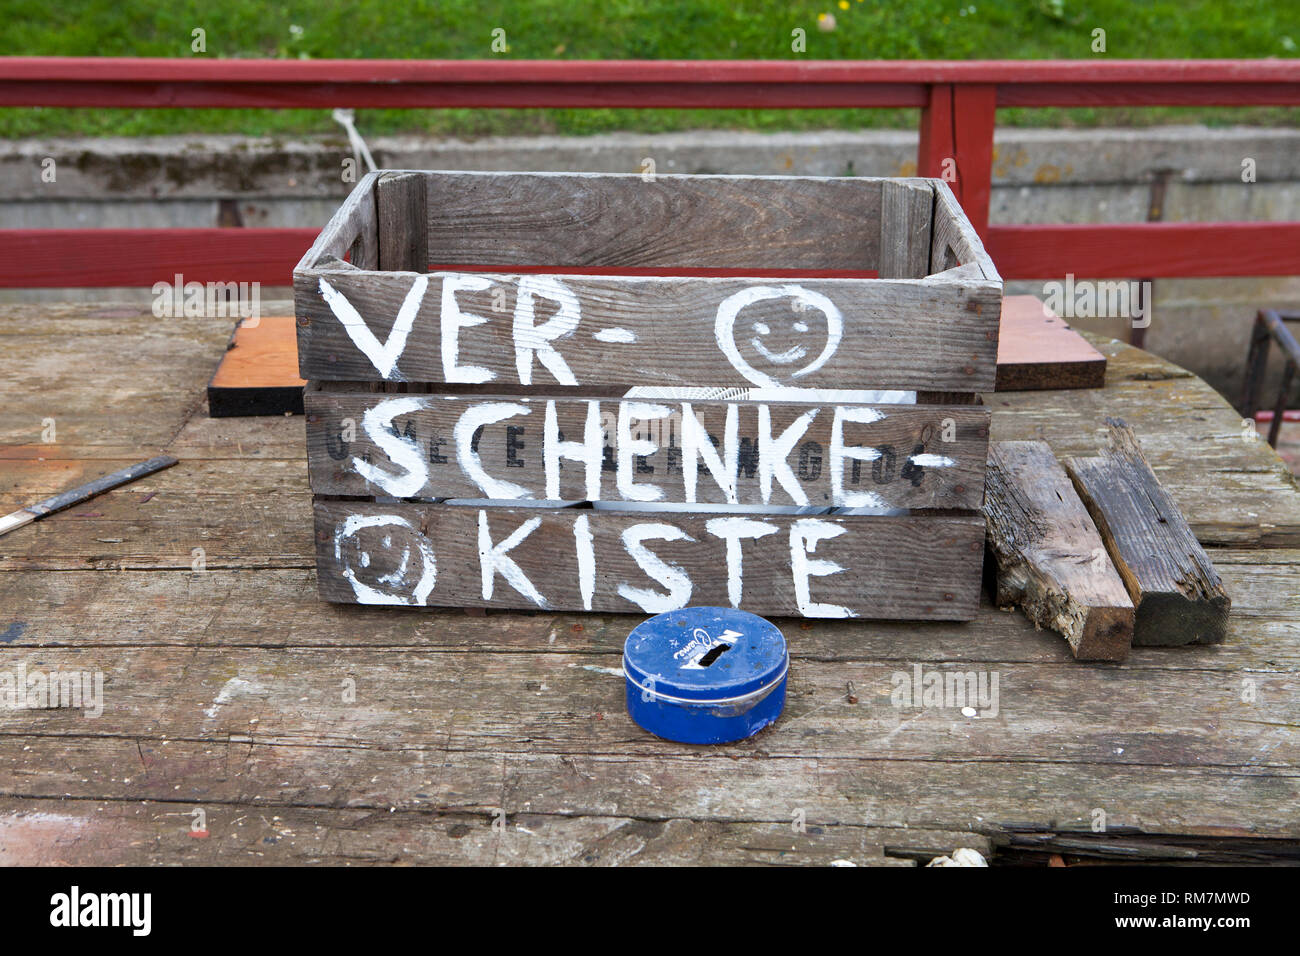 Geschenkbox, alter Hafen, Kappeln, Schleswig-Holstein, Deutschland, Europa Stockbild